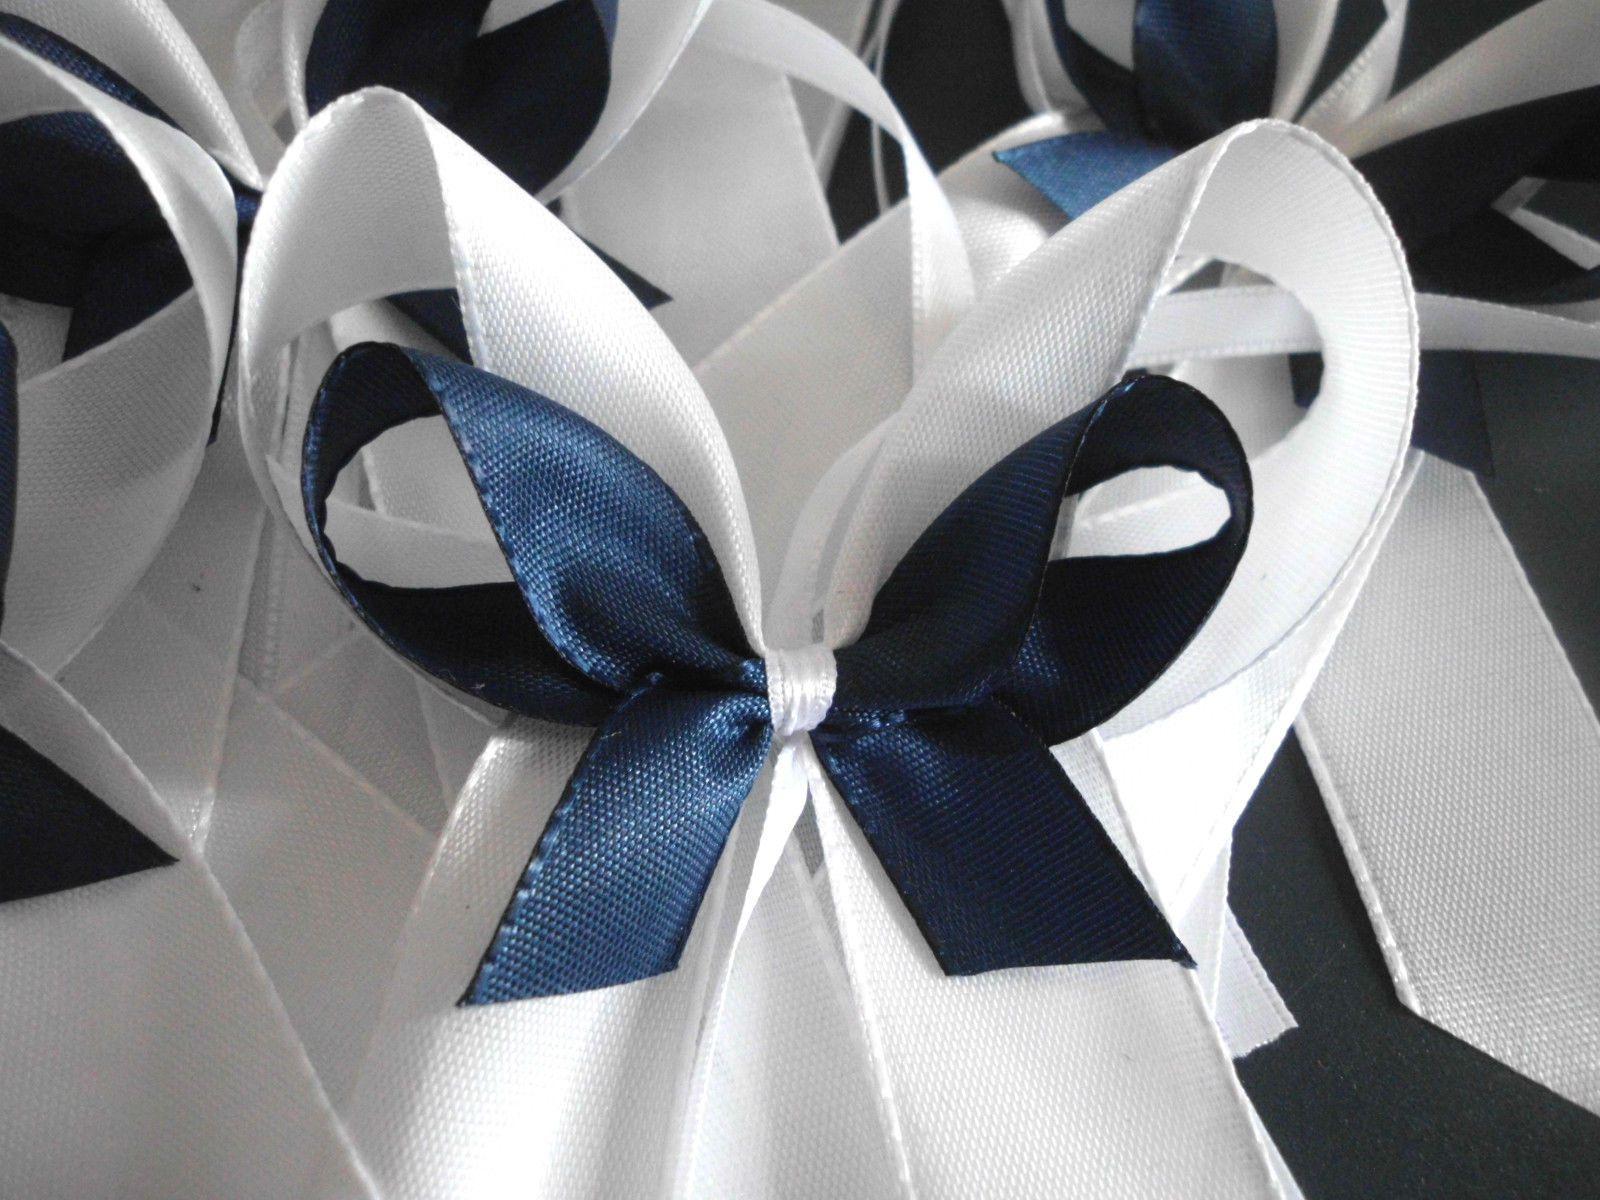 25 antennenschleifen autoschleifen hochzeit weiss blau dunkelblau royalblau. Black Bedroom Furniture Sets. Home Design Ideas